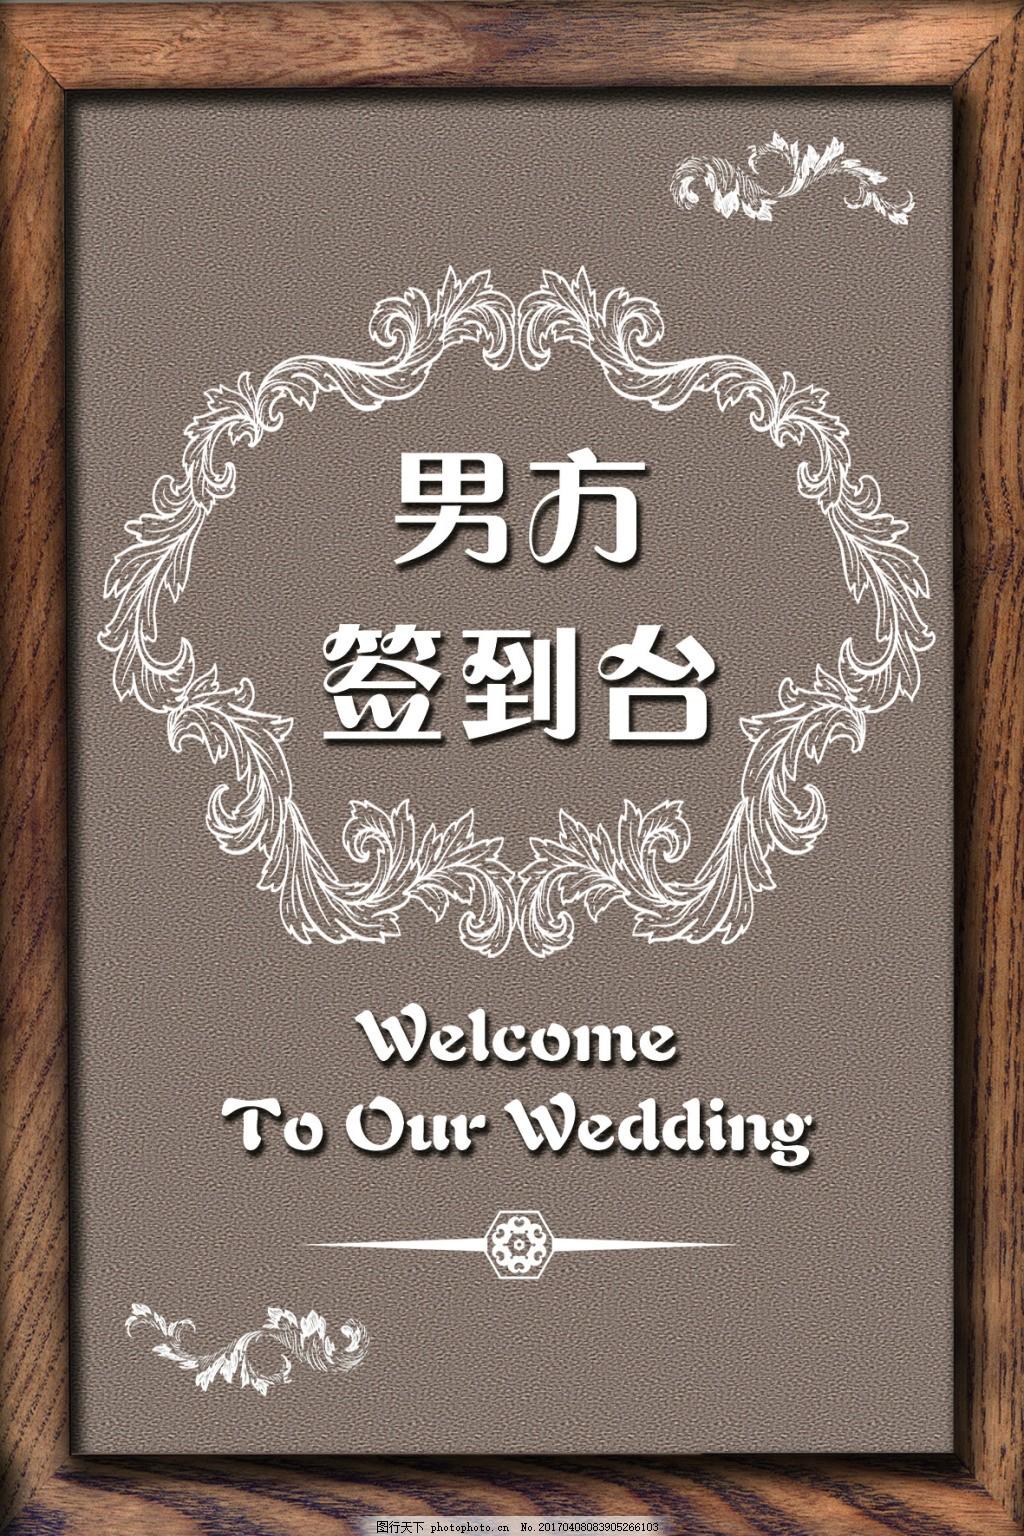 复古棕色木头相框欧式花纹婚礼签到牌